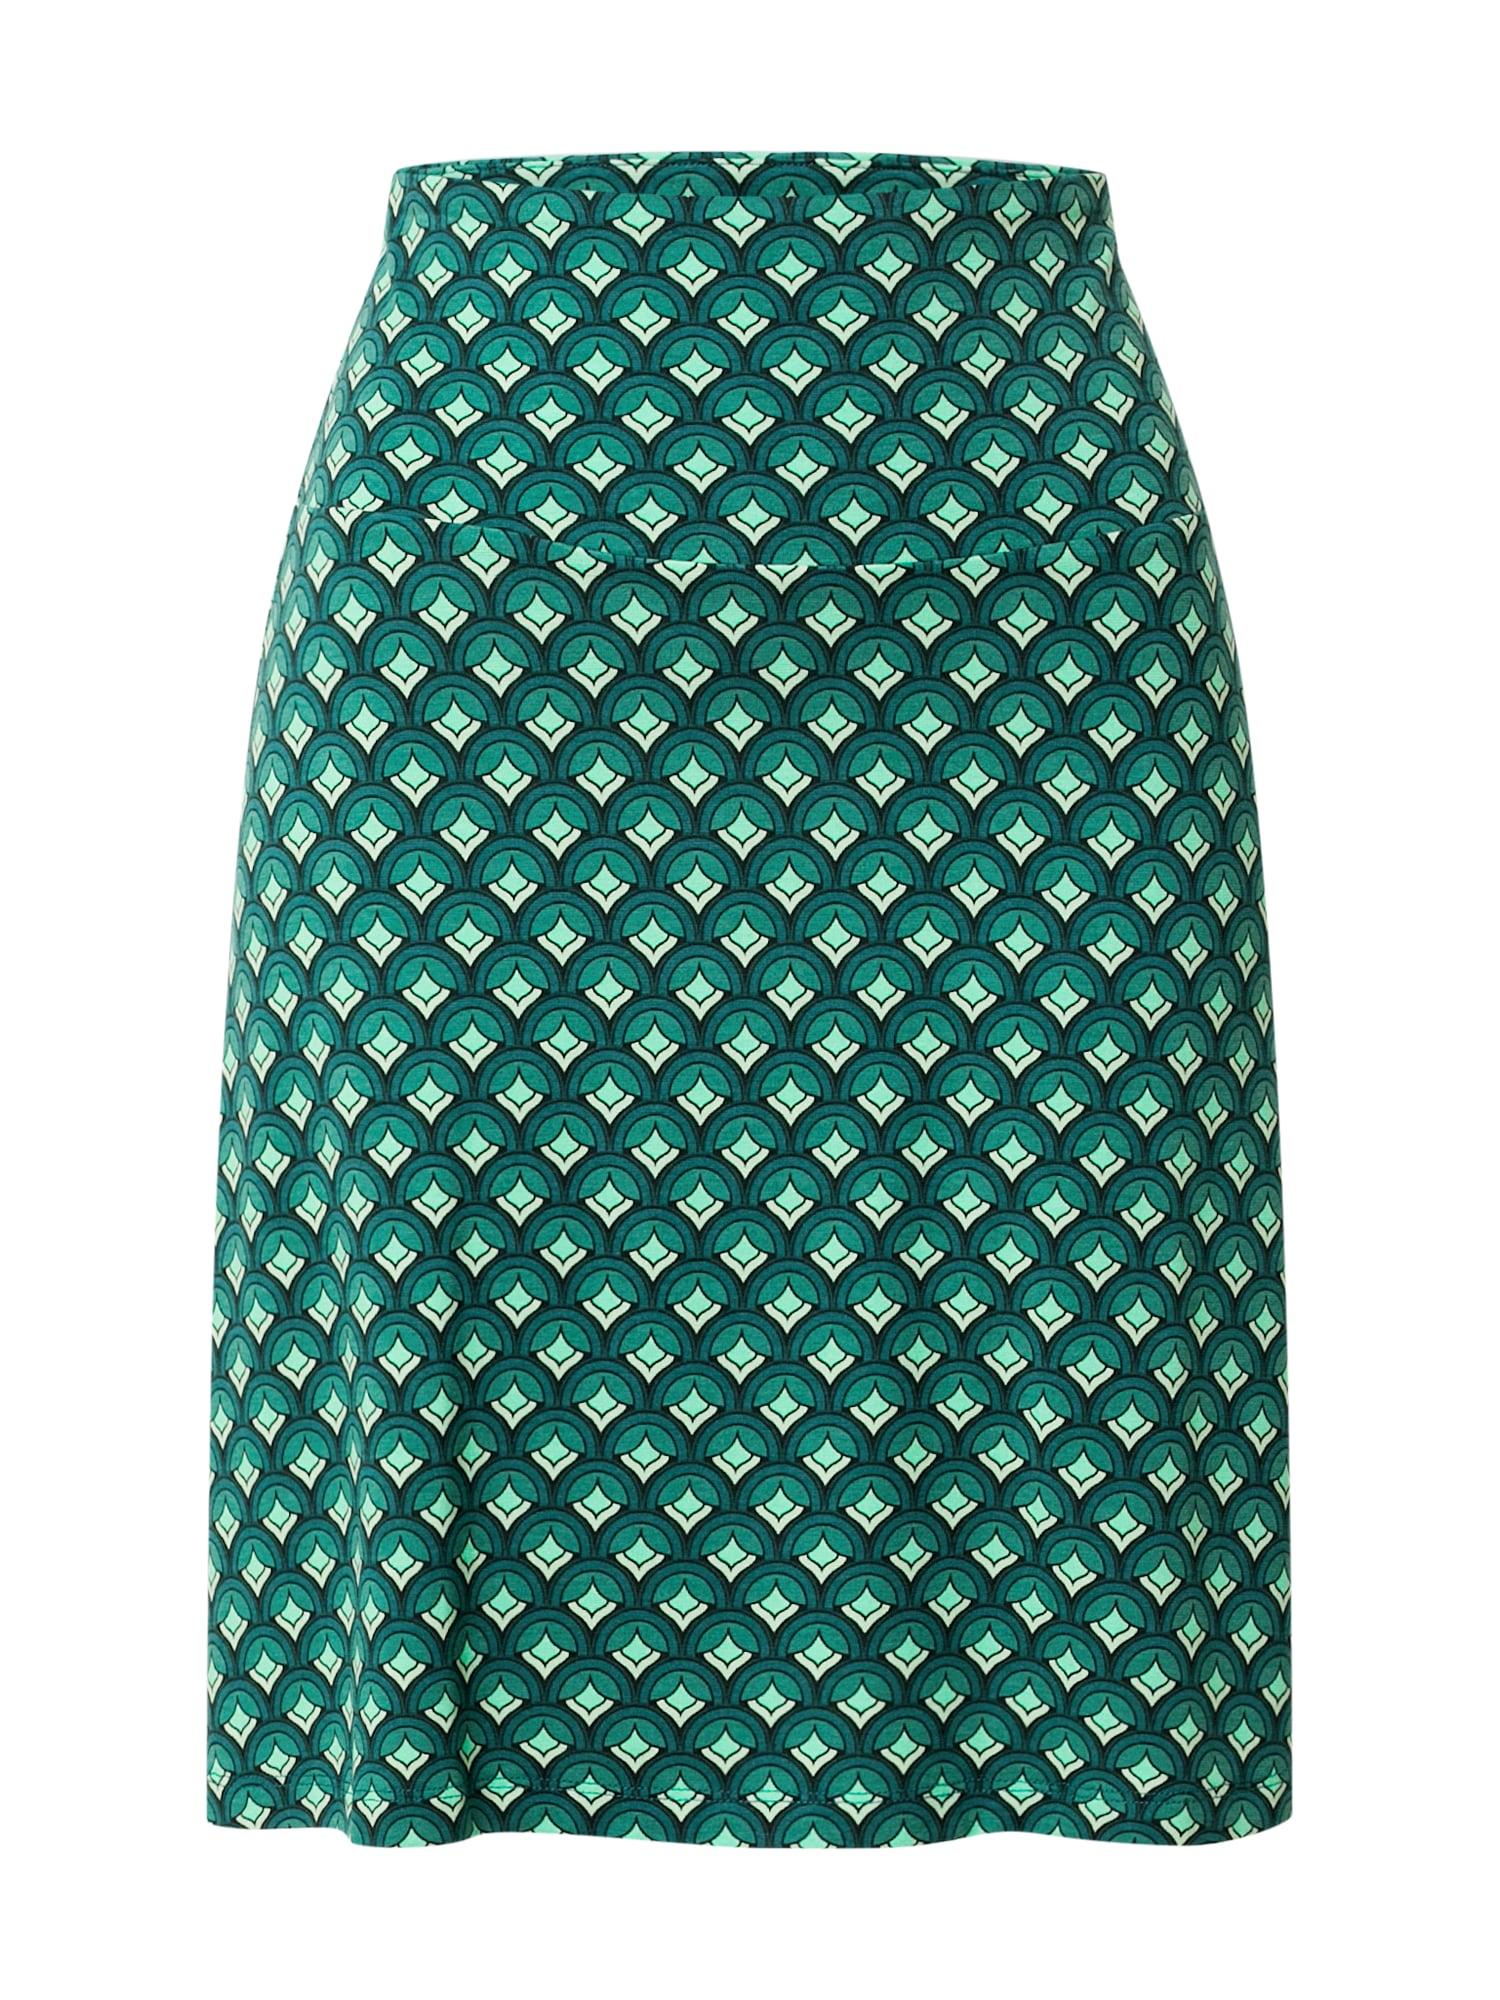 King Louie Sijonas žalia / tamsiai žalia / pastelinė žalia / glaisto spalva